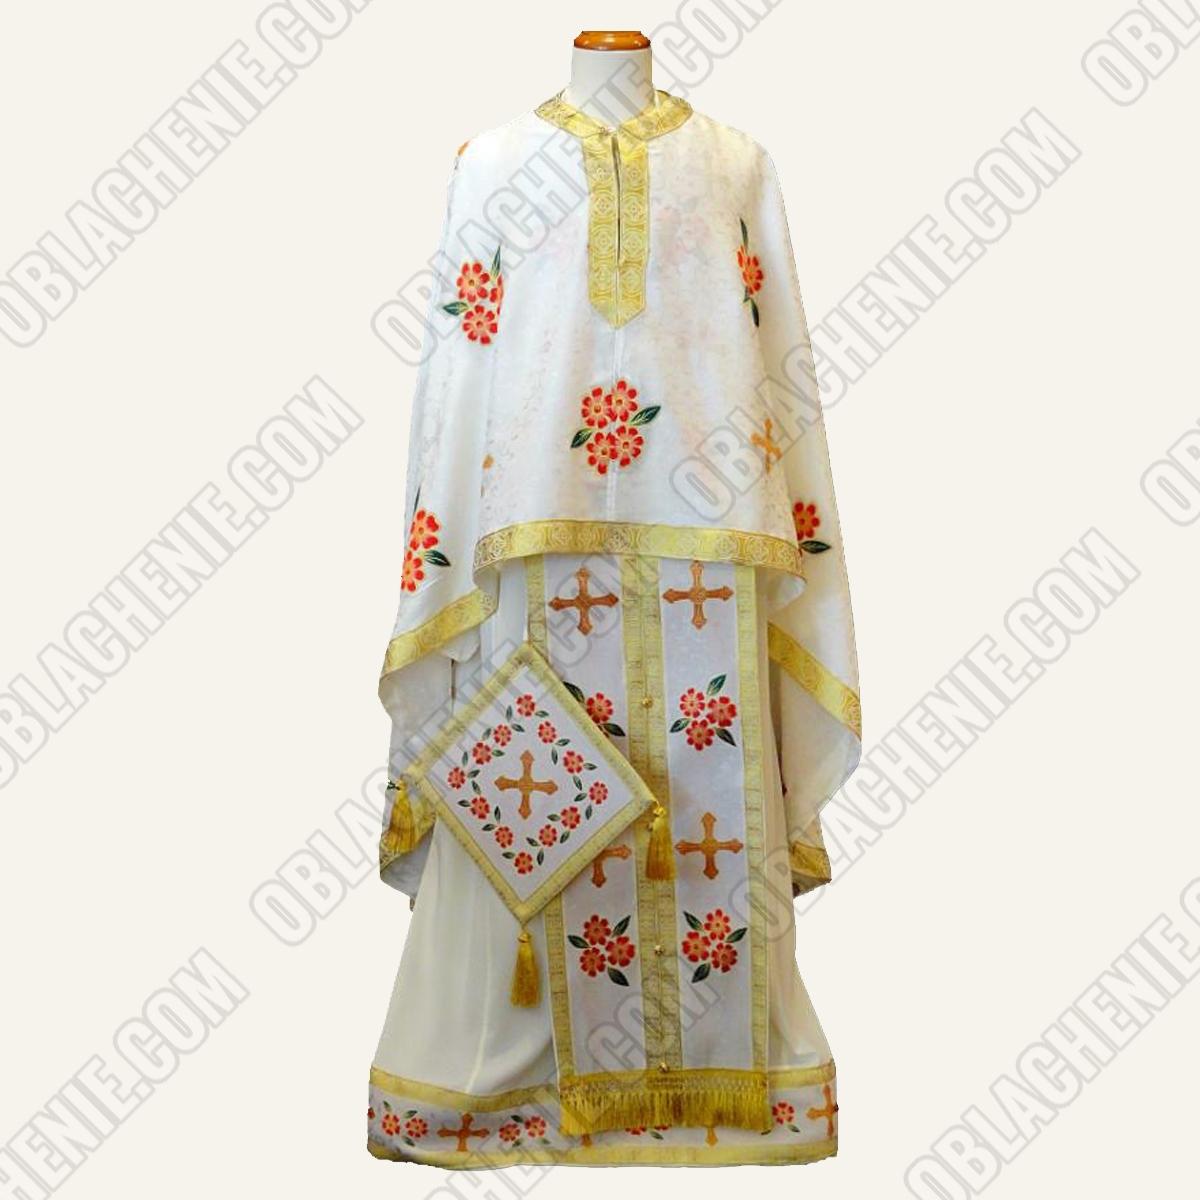 PRIEST'S VESTMENTS 11058